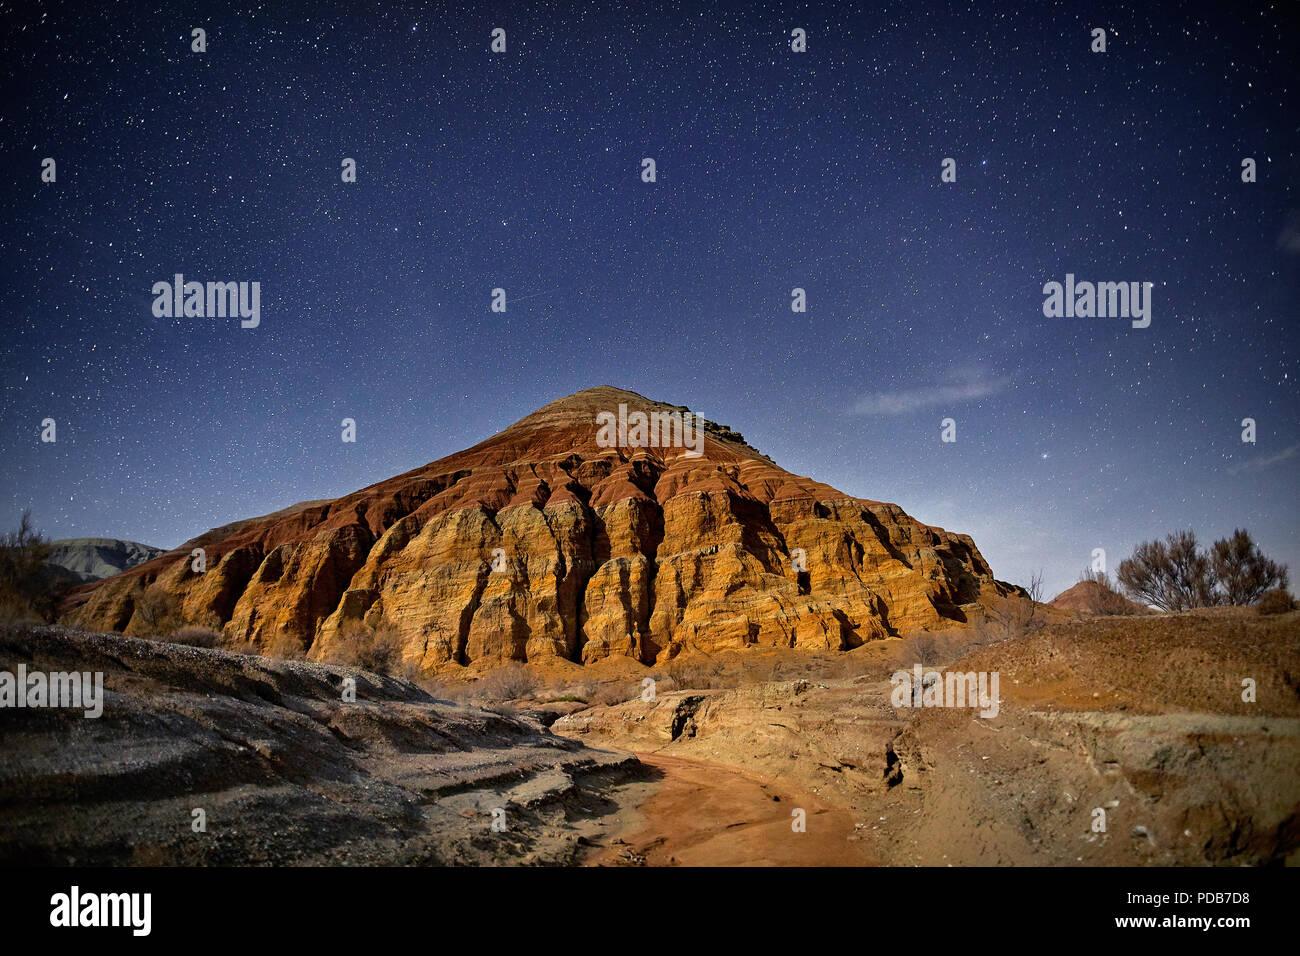 Montagna rossa di forma piramidale nel deserto di notte il cielo stellato sfondo. Astronomia fotografia di spazio e costellazioni. Immagini Stock